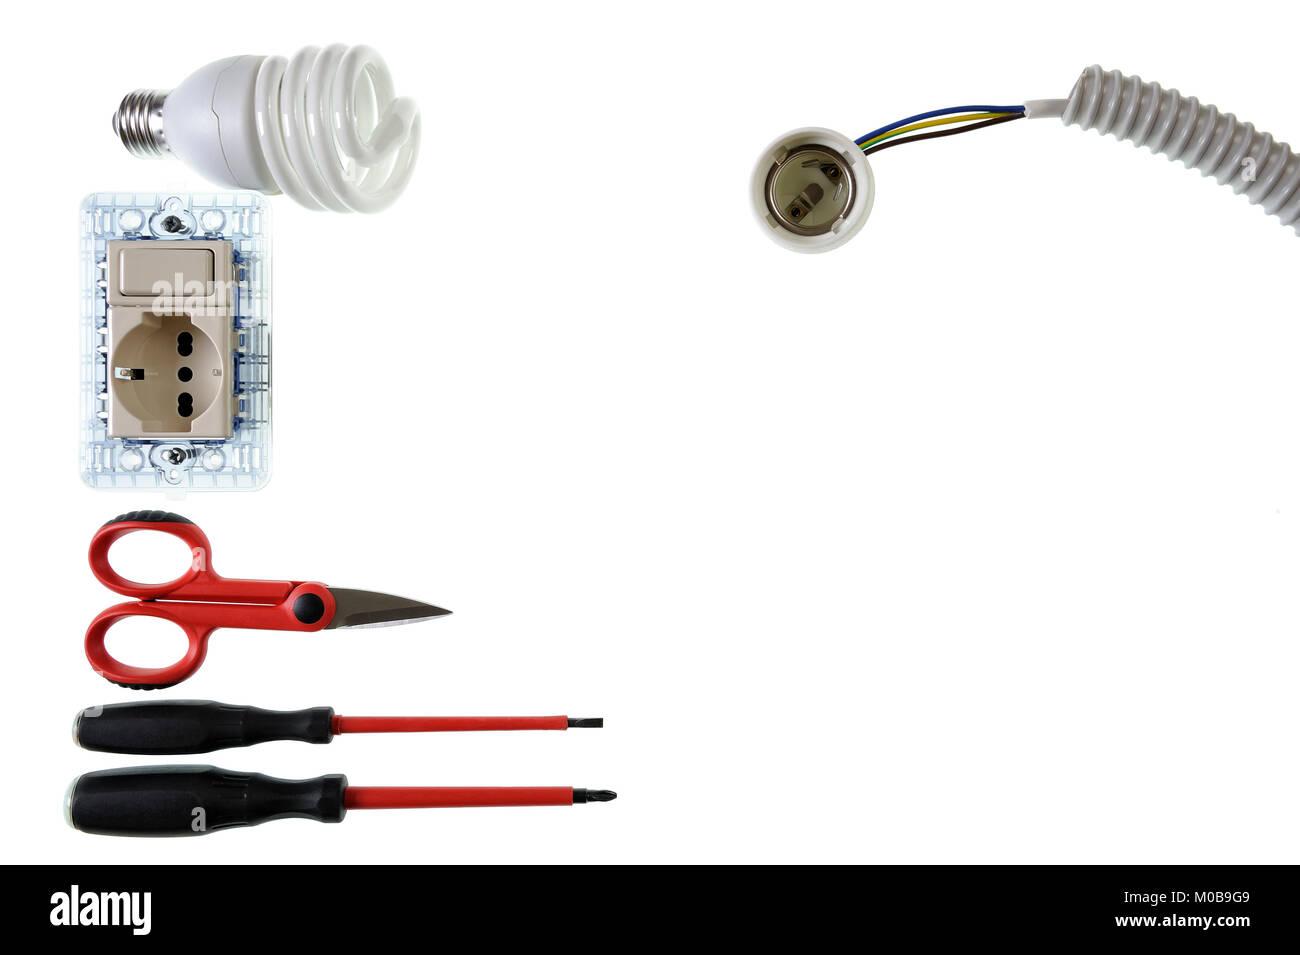 Tolle Steckdose Elektrische Verkabelung Fotos - Der Schaltplan ...